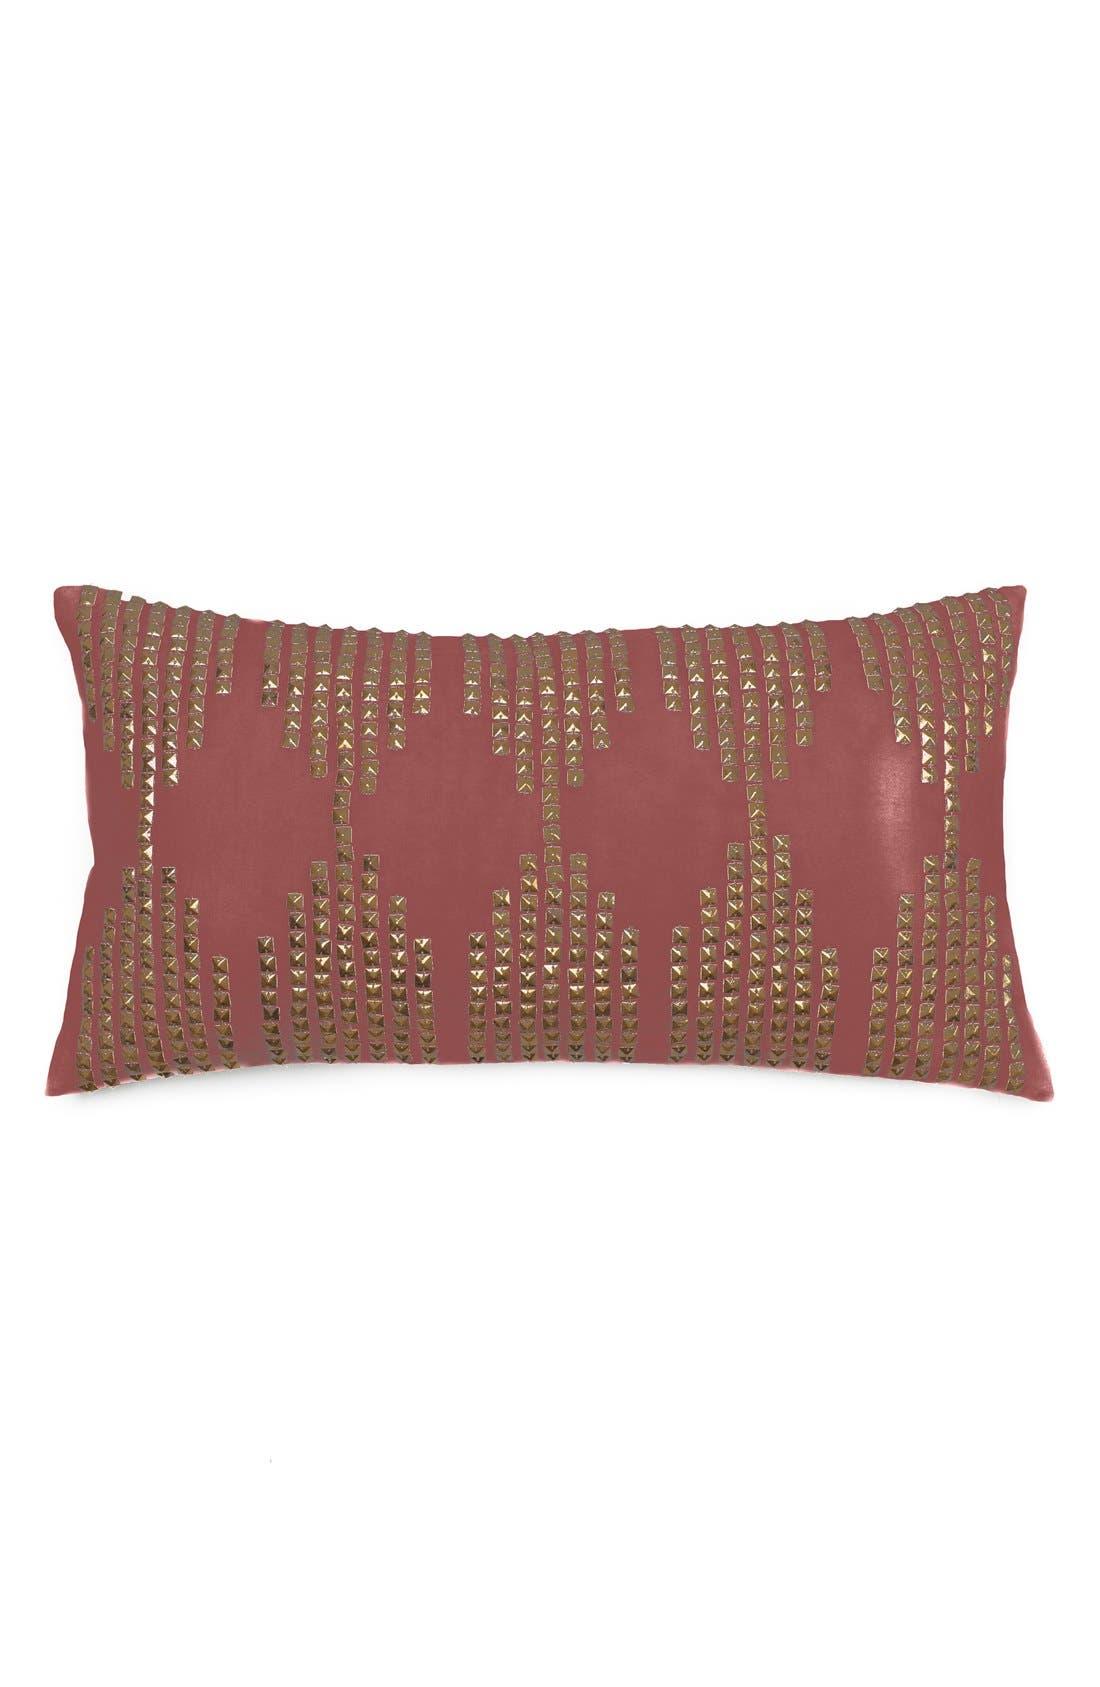 zestt 'Franklin' Pillow